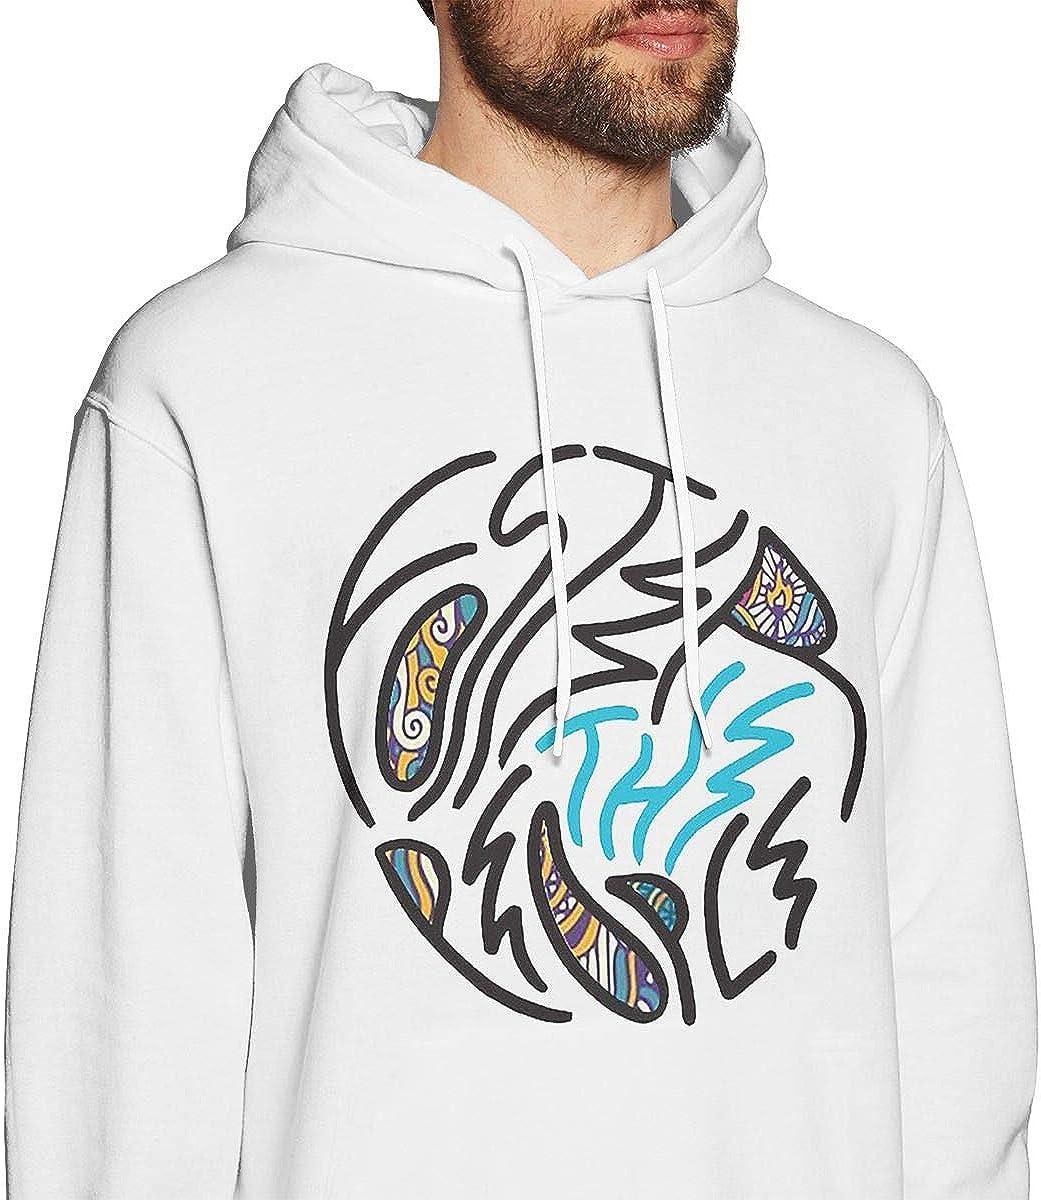 Foster The People Vintage Mens Long Sleeve Sweatshirts Mans Hoodies White